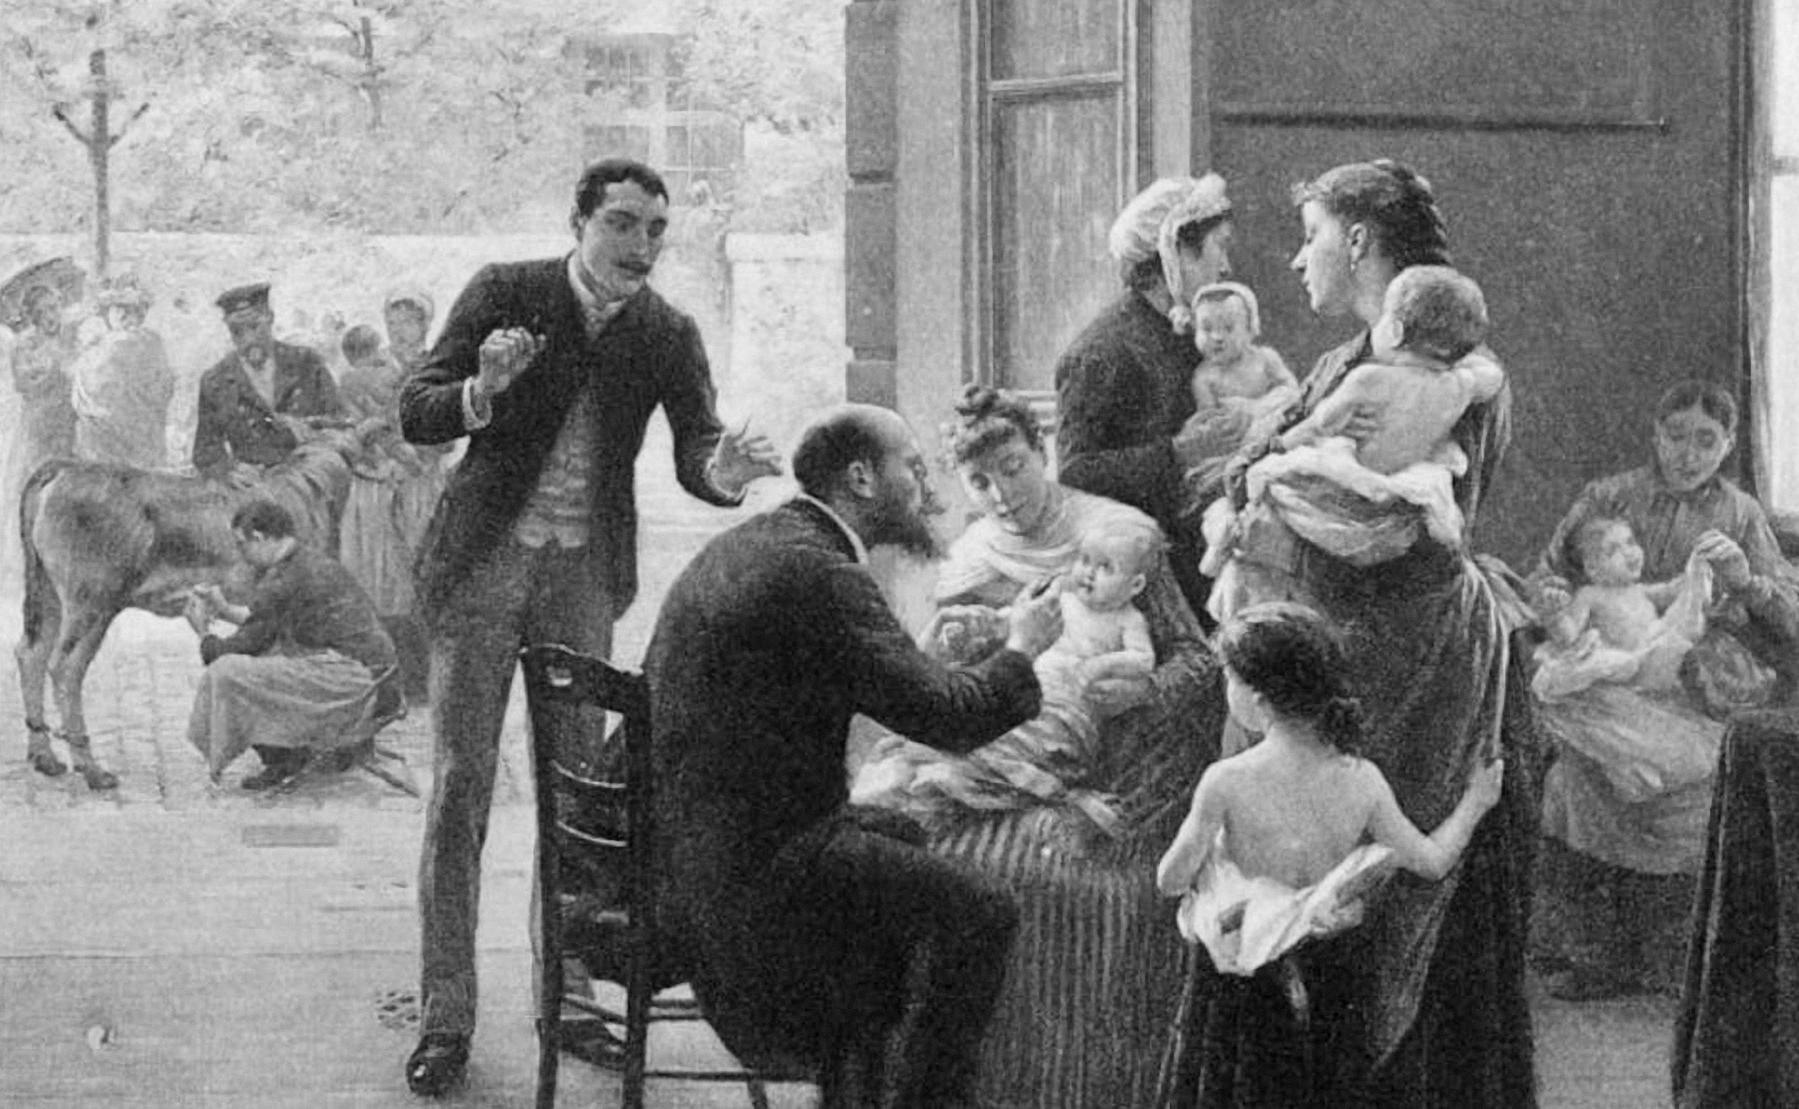 Một bác sĩ đang theo dõi tác dụng phụ của vaccine sau khi tiêm phòng cho trẻ em ở Paris  vào năm 1890. Ảnh: J. Scalbert.